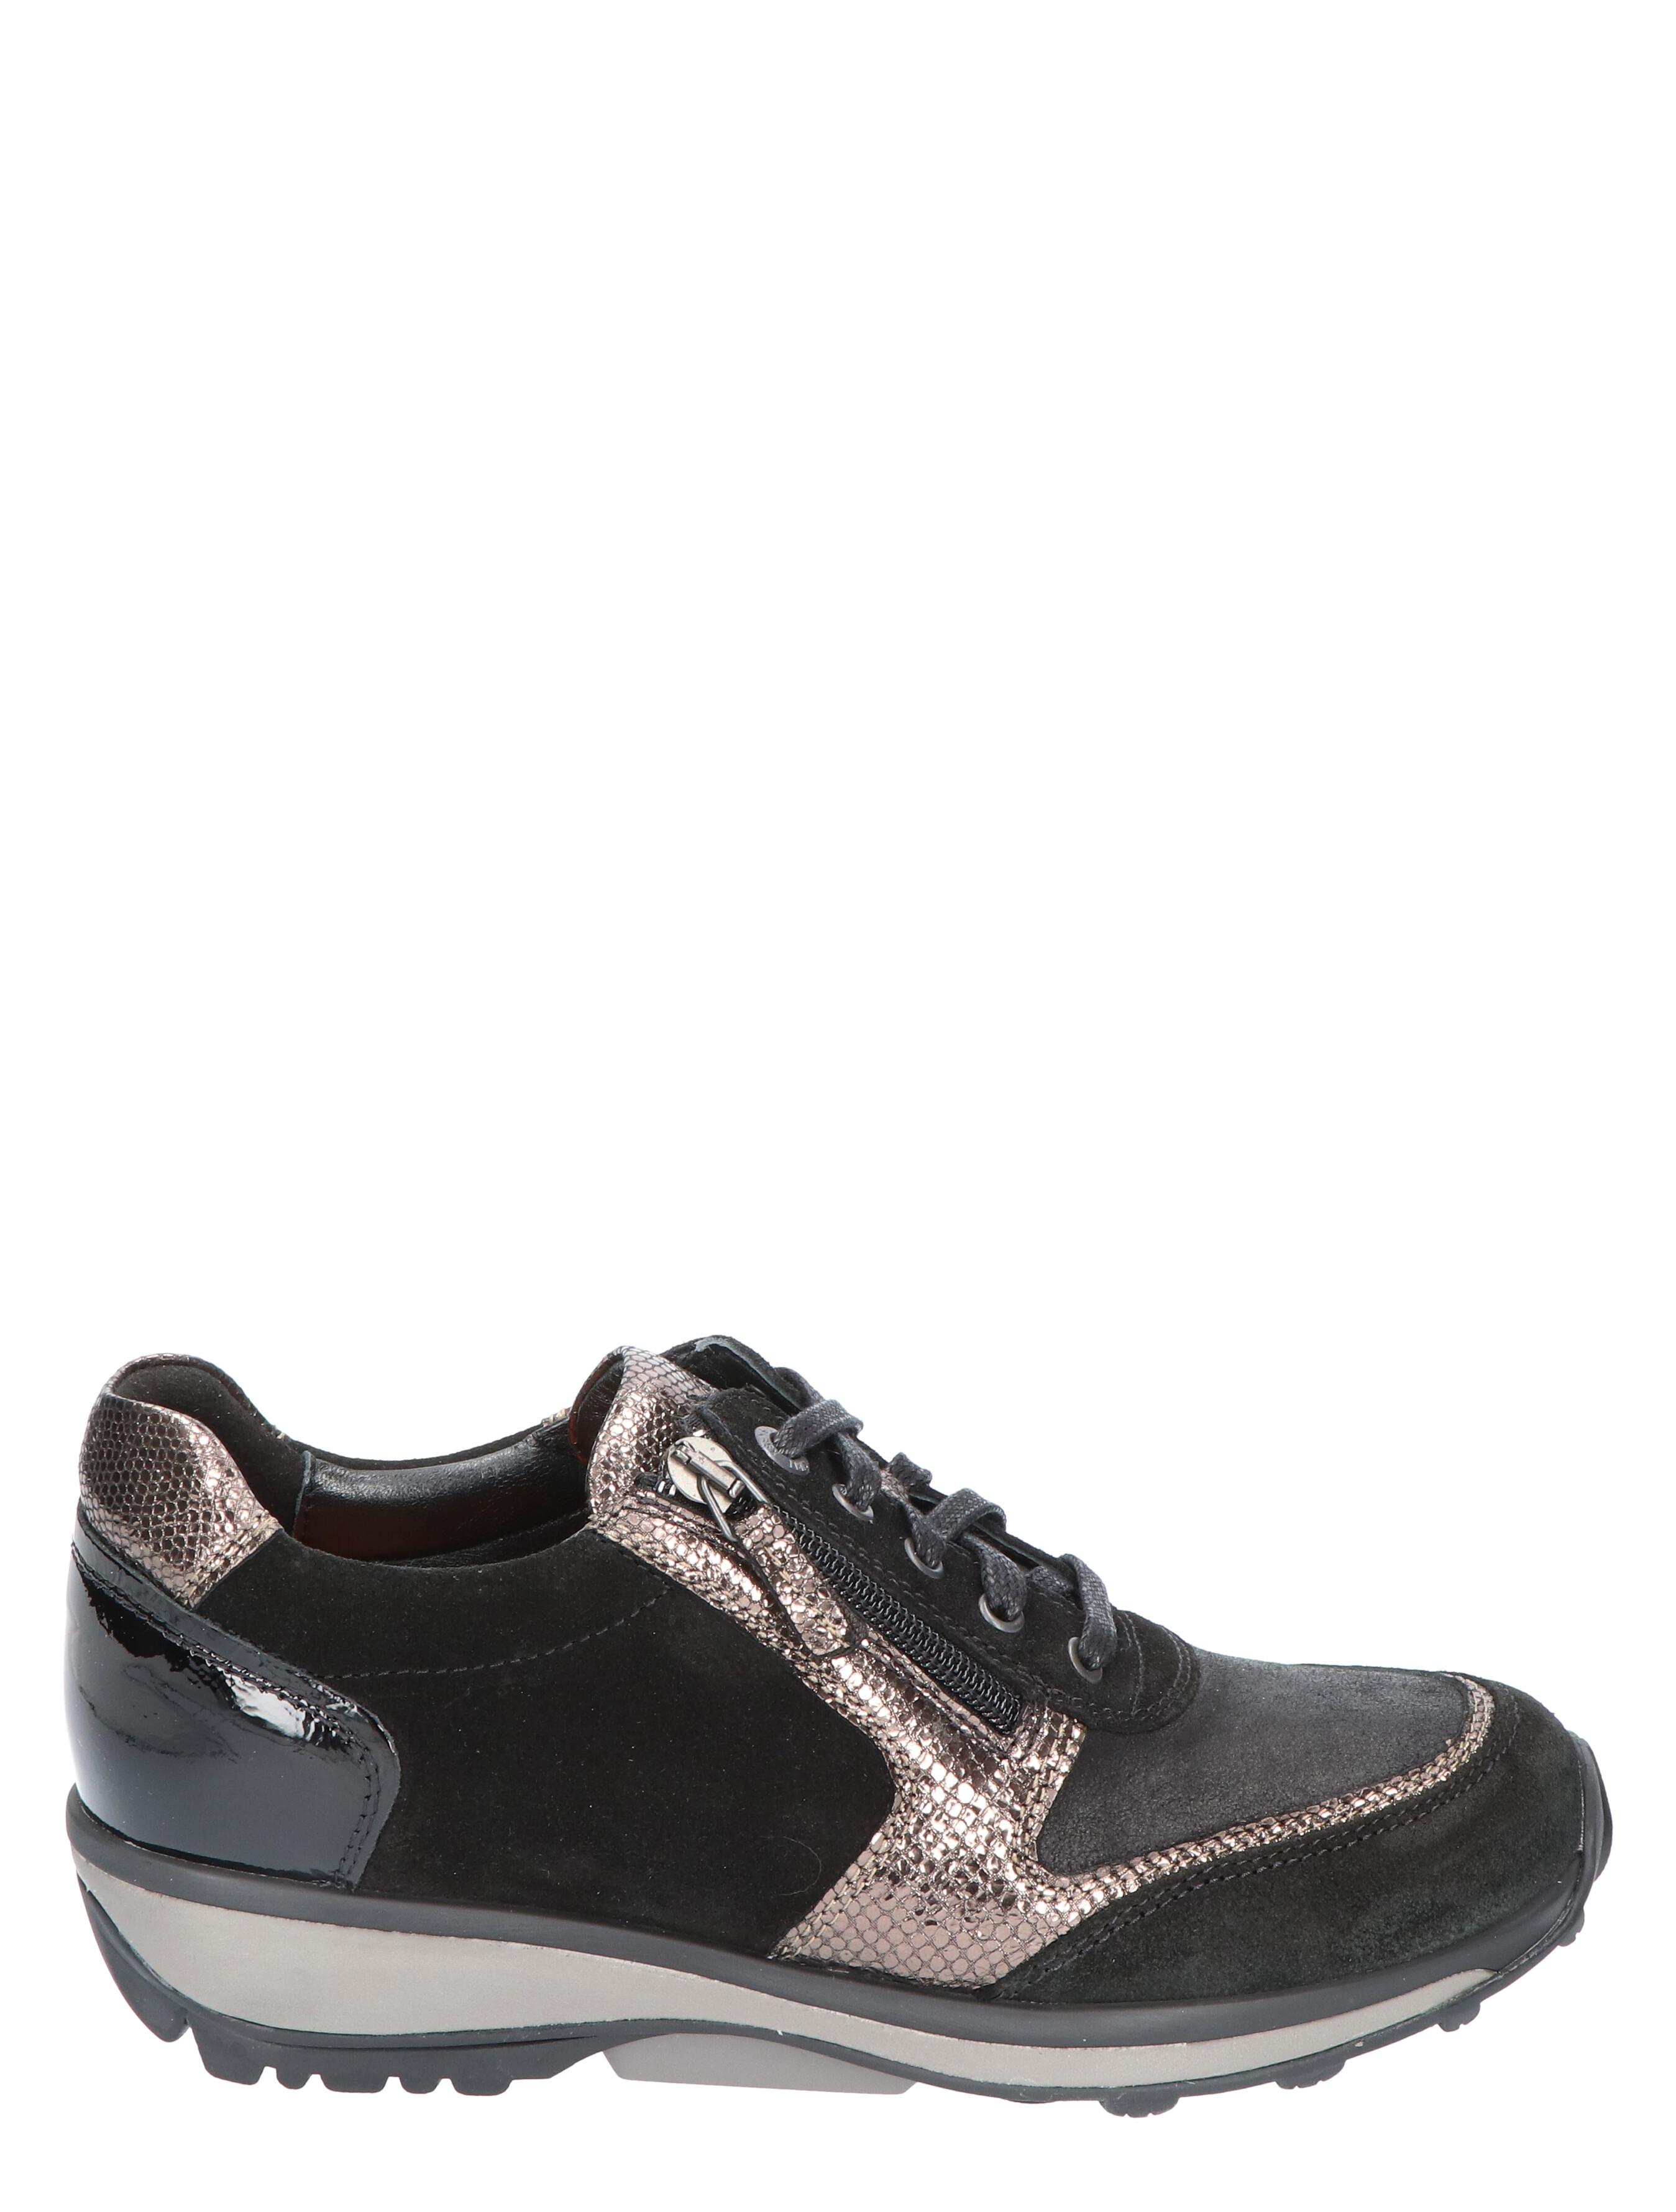 Xsensible 30103.2 Black / Bronze G-Wijdte Veterschoenen